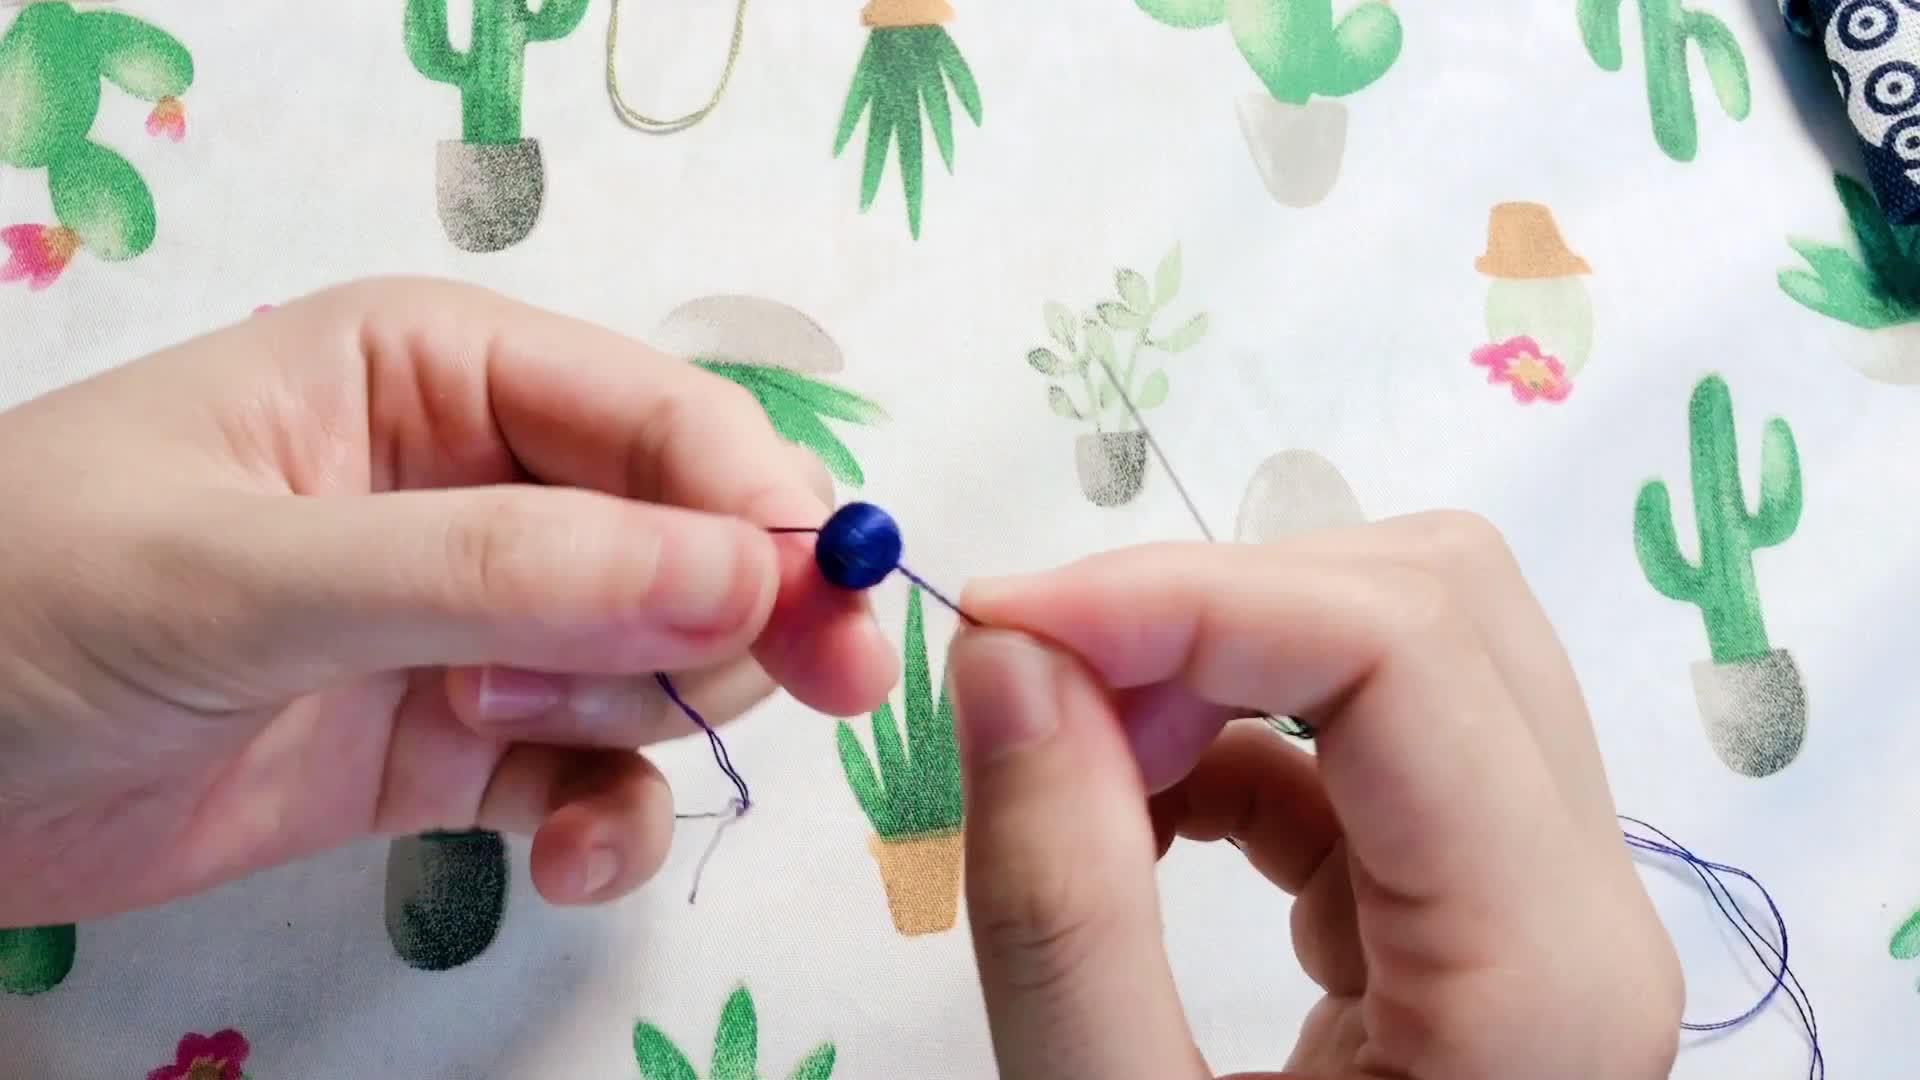 立体果实绣 - 用木珠和绣线简单缠绕就能做出来的各色果实